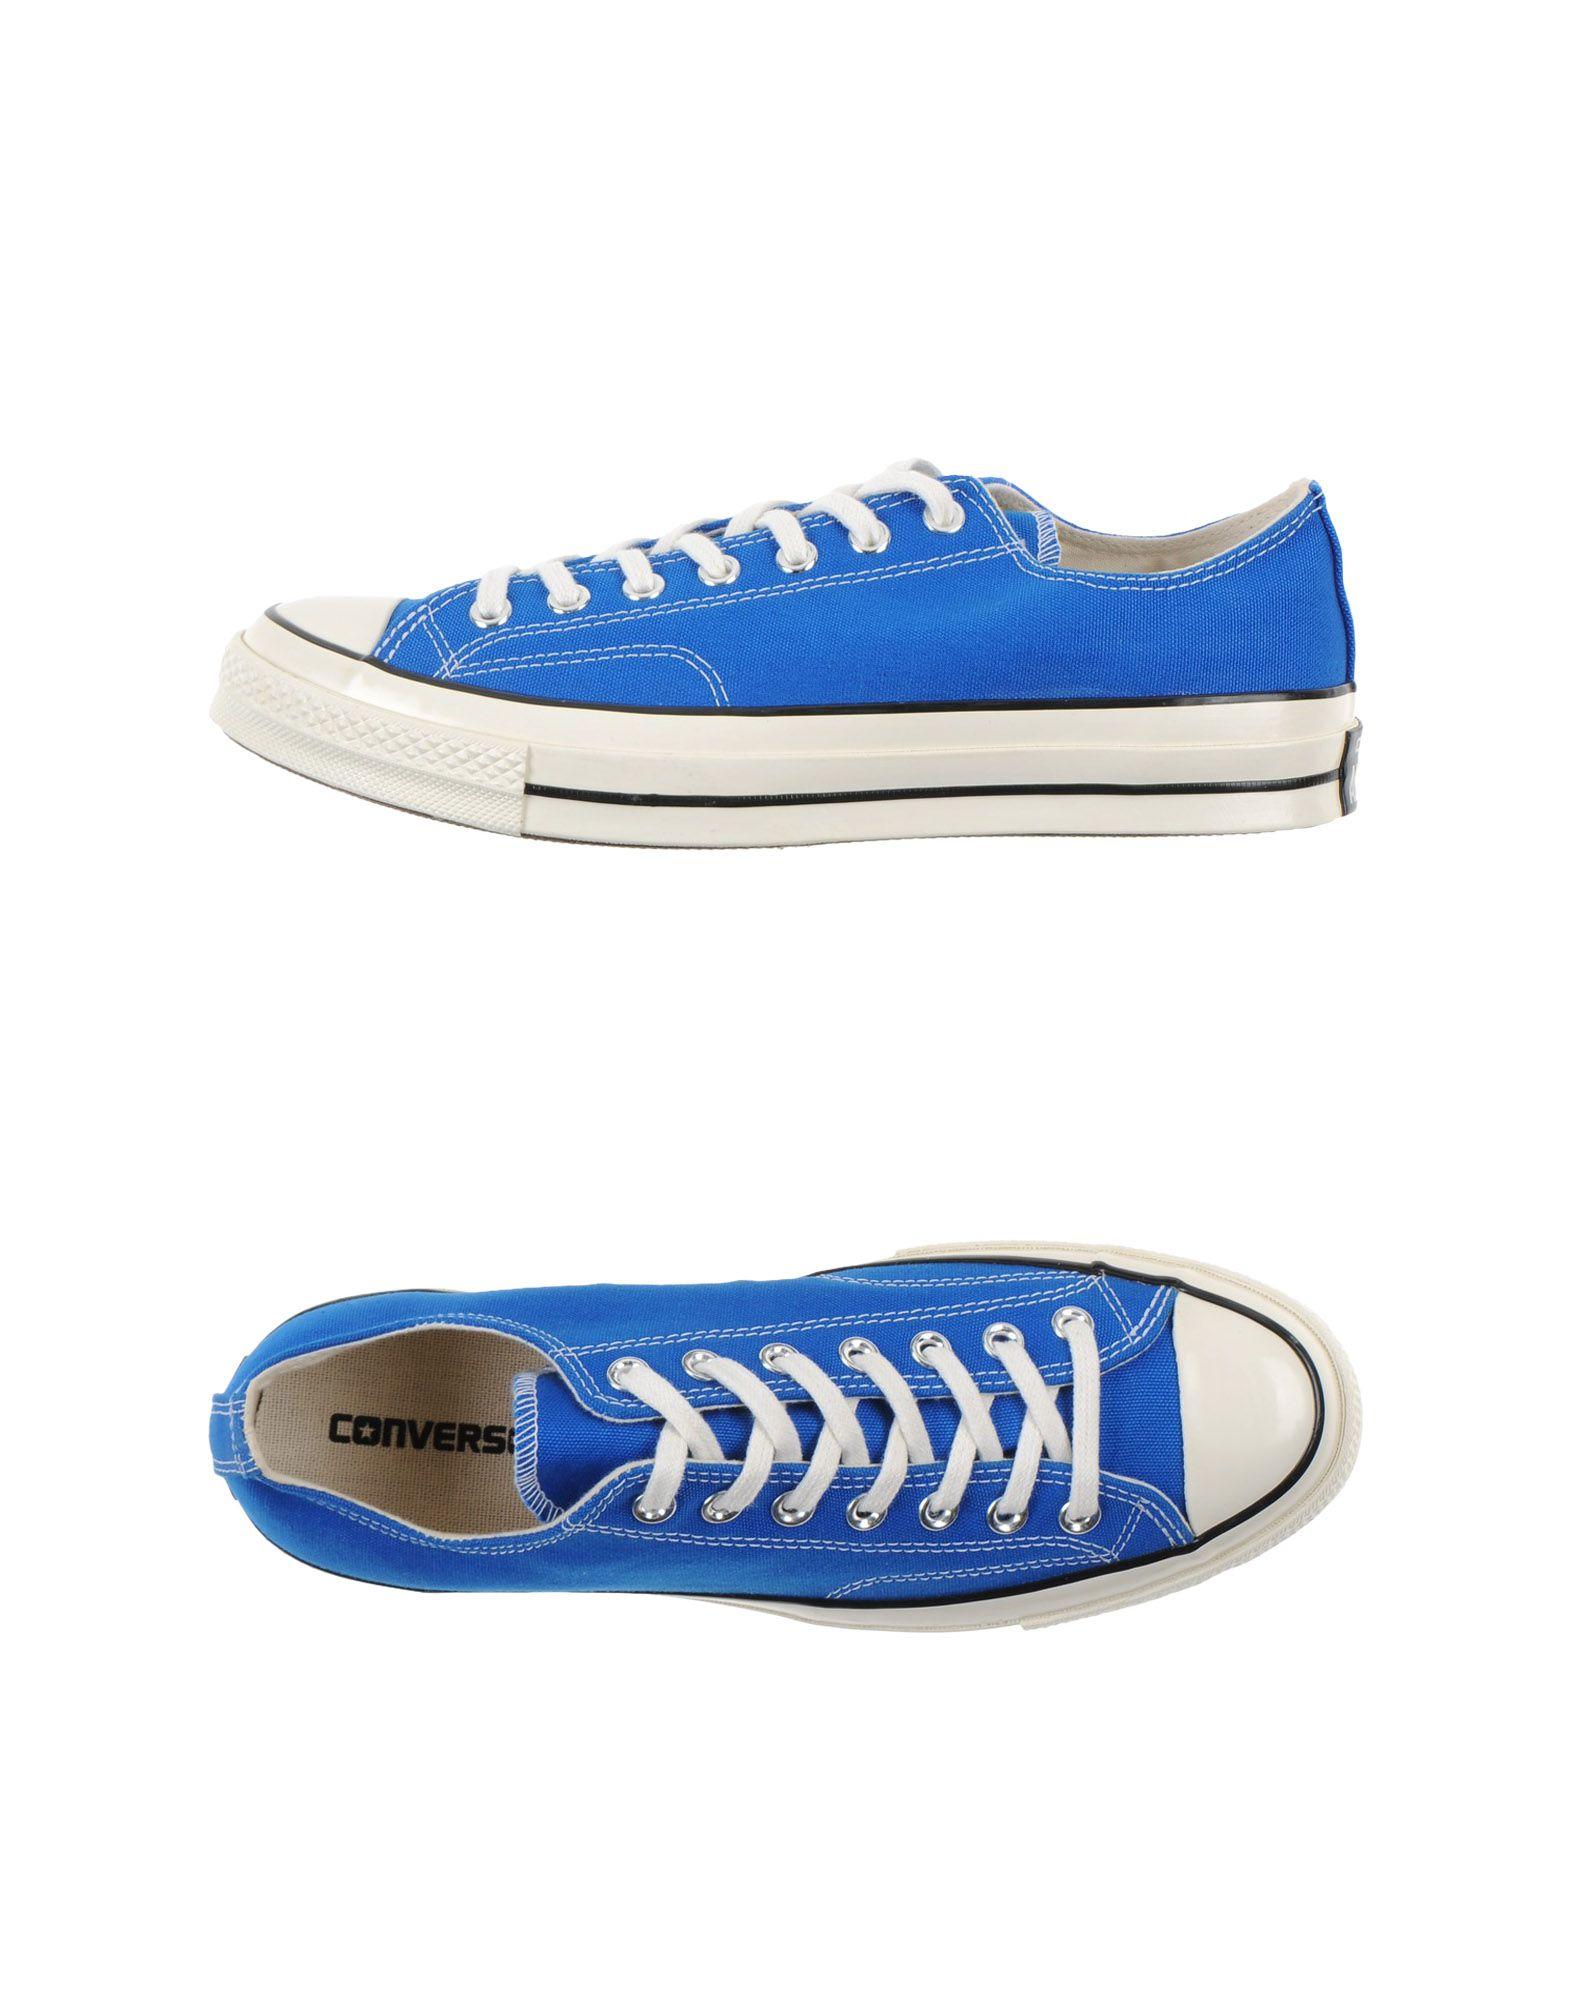 Blue Low Top Converse Shoes